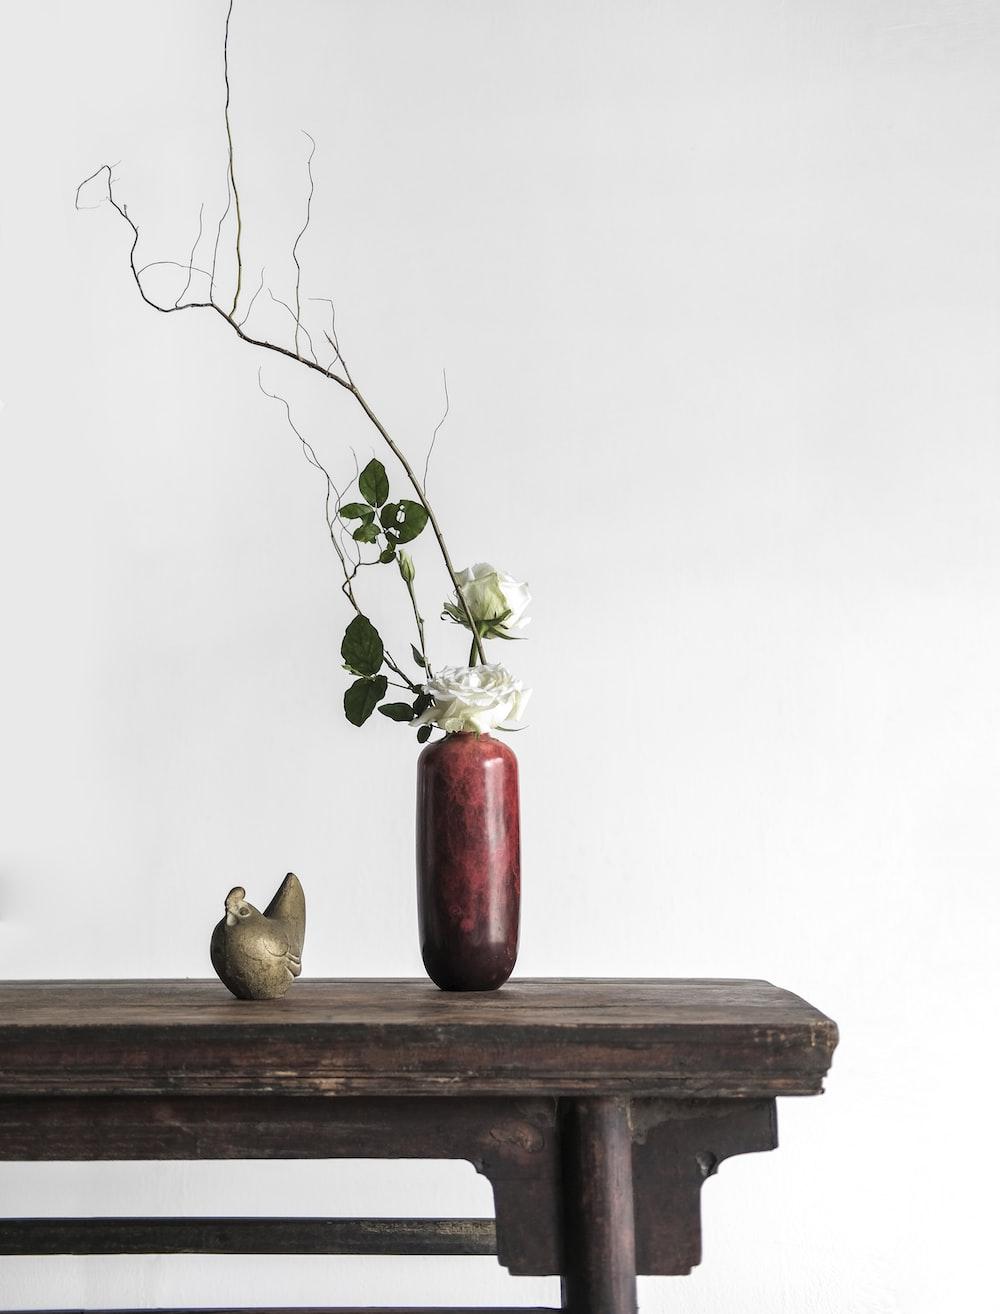 white roses in red ceramic vase